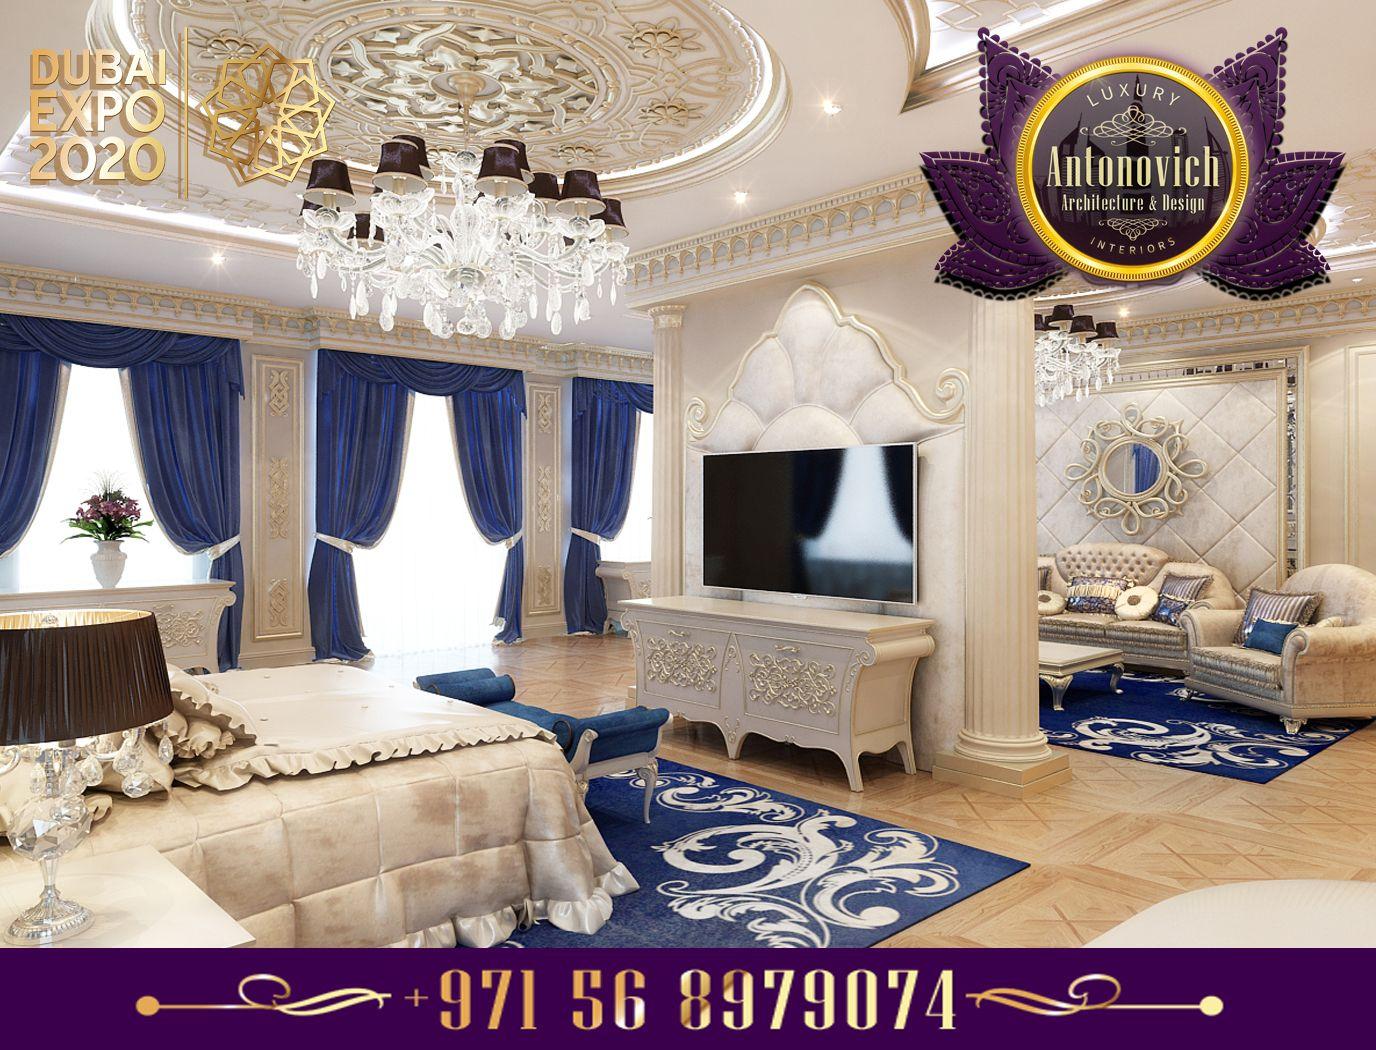 Luxury Art Deco BedroomDesign BedroomDream Luxury